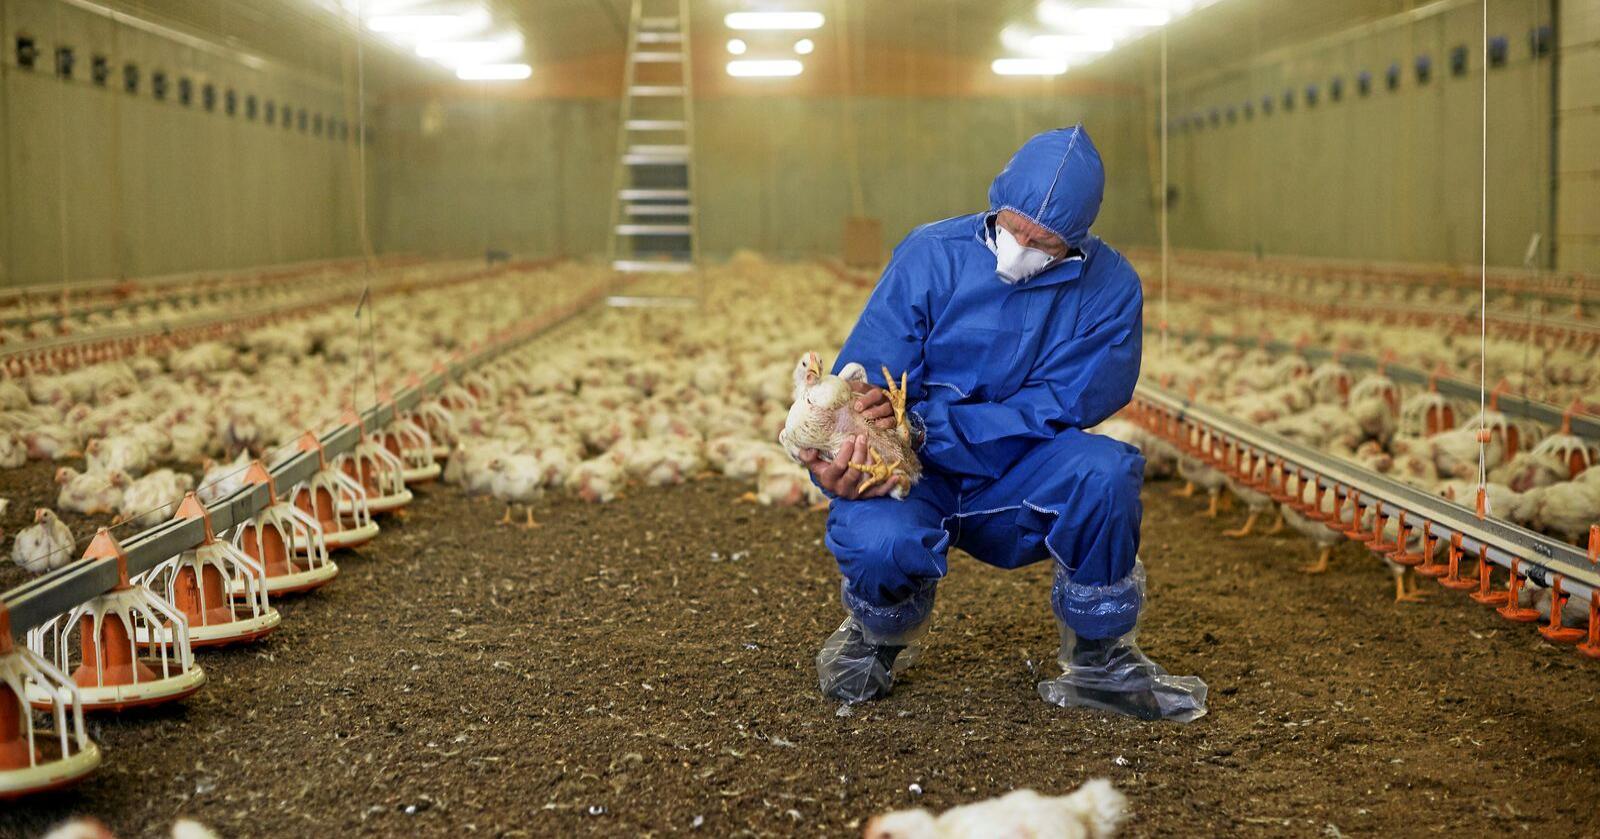 En av Mattilsynets inspektører på arbeid under kyllingkontroll. Illustrasjonsfoto: Mattilsynet/ flickr.com